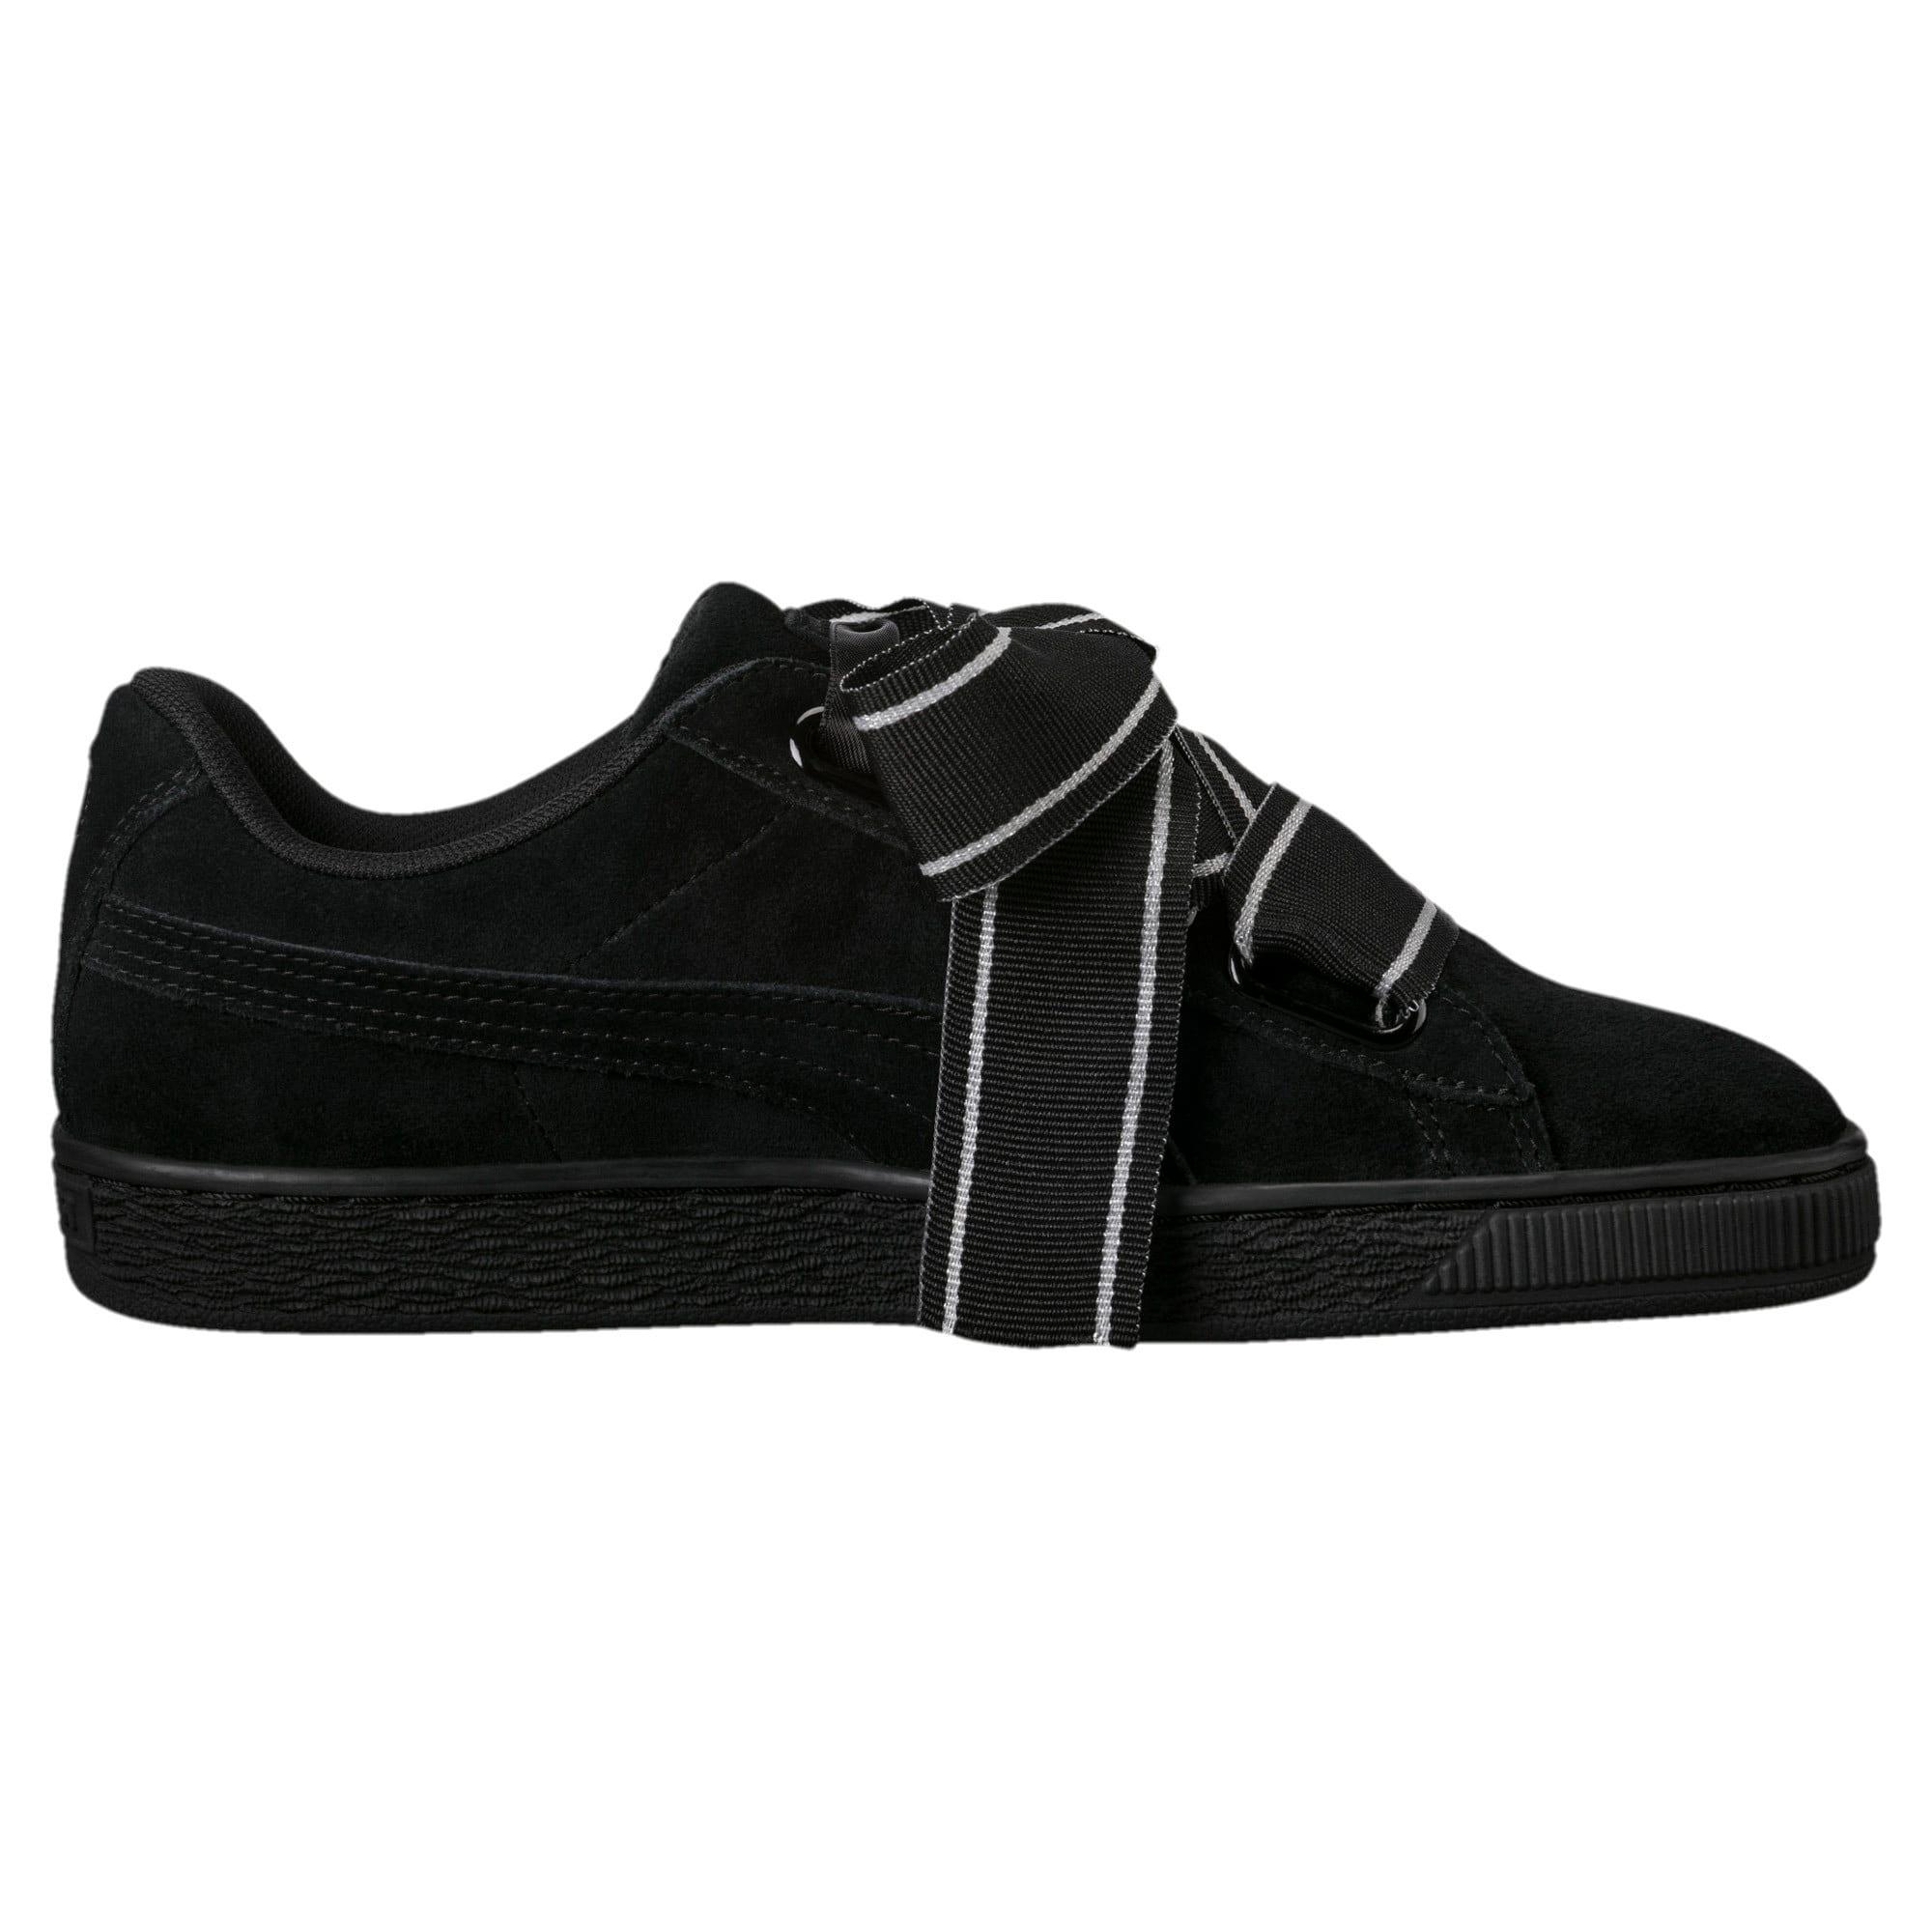 promo code 9d537 eeda8 Suede Heart Satin II Women's Sneakers